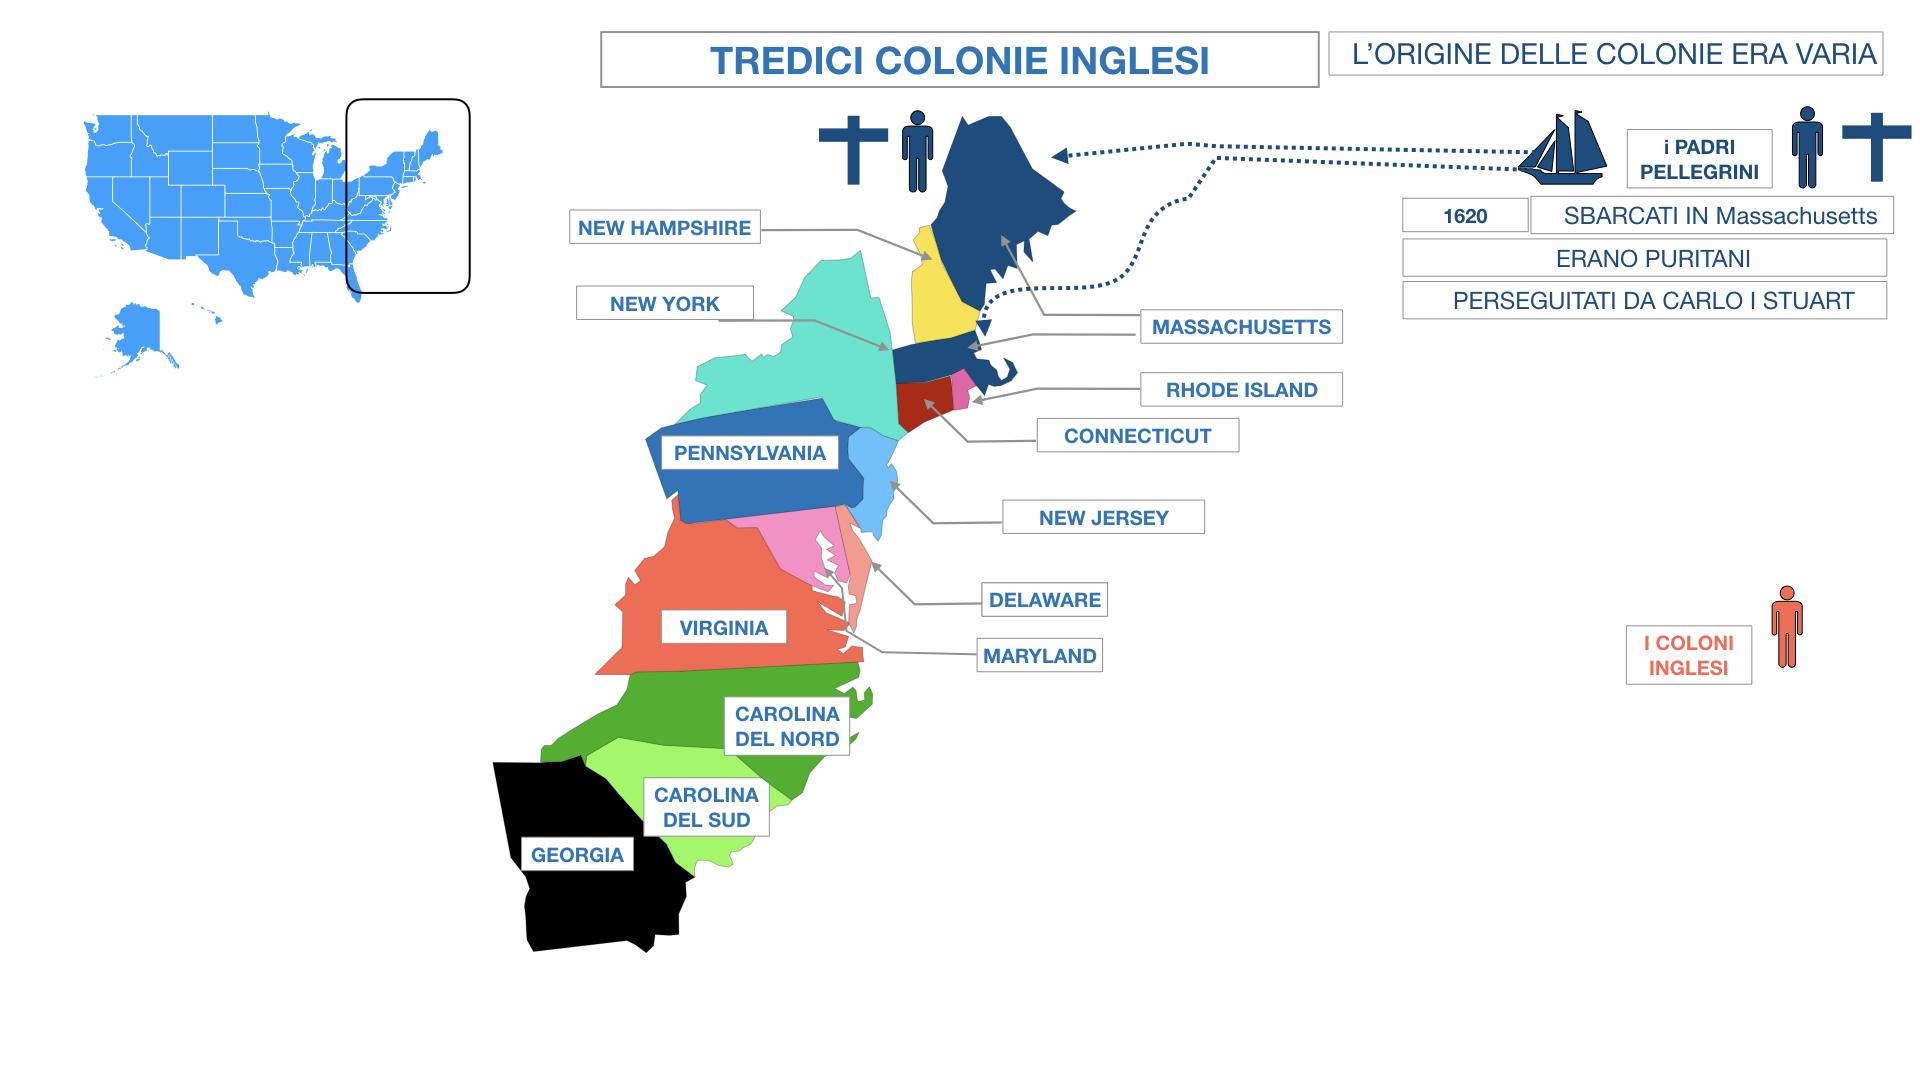 AMERICA LE TREDICI COLONIE INGLESI SIMULAZIONE.045